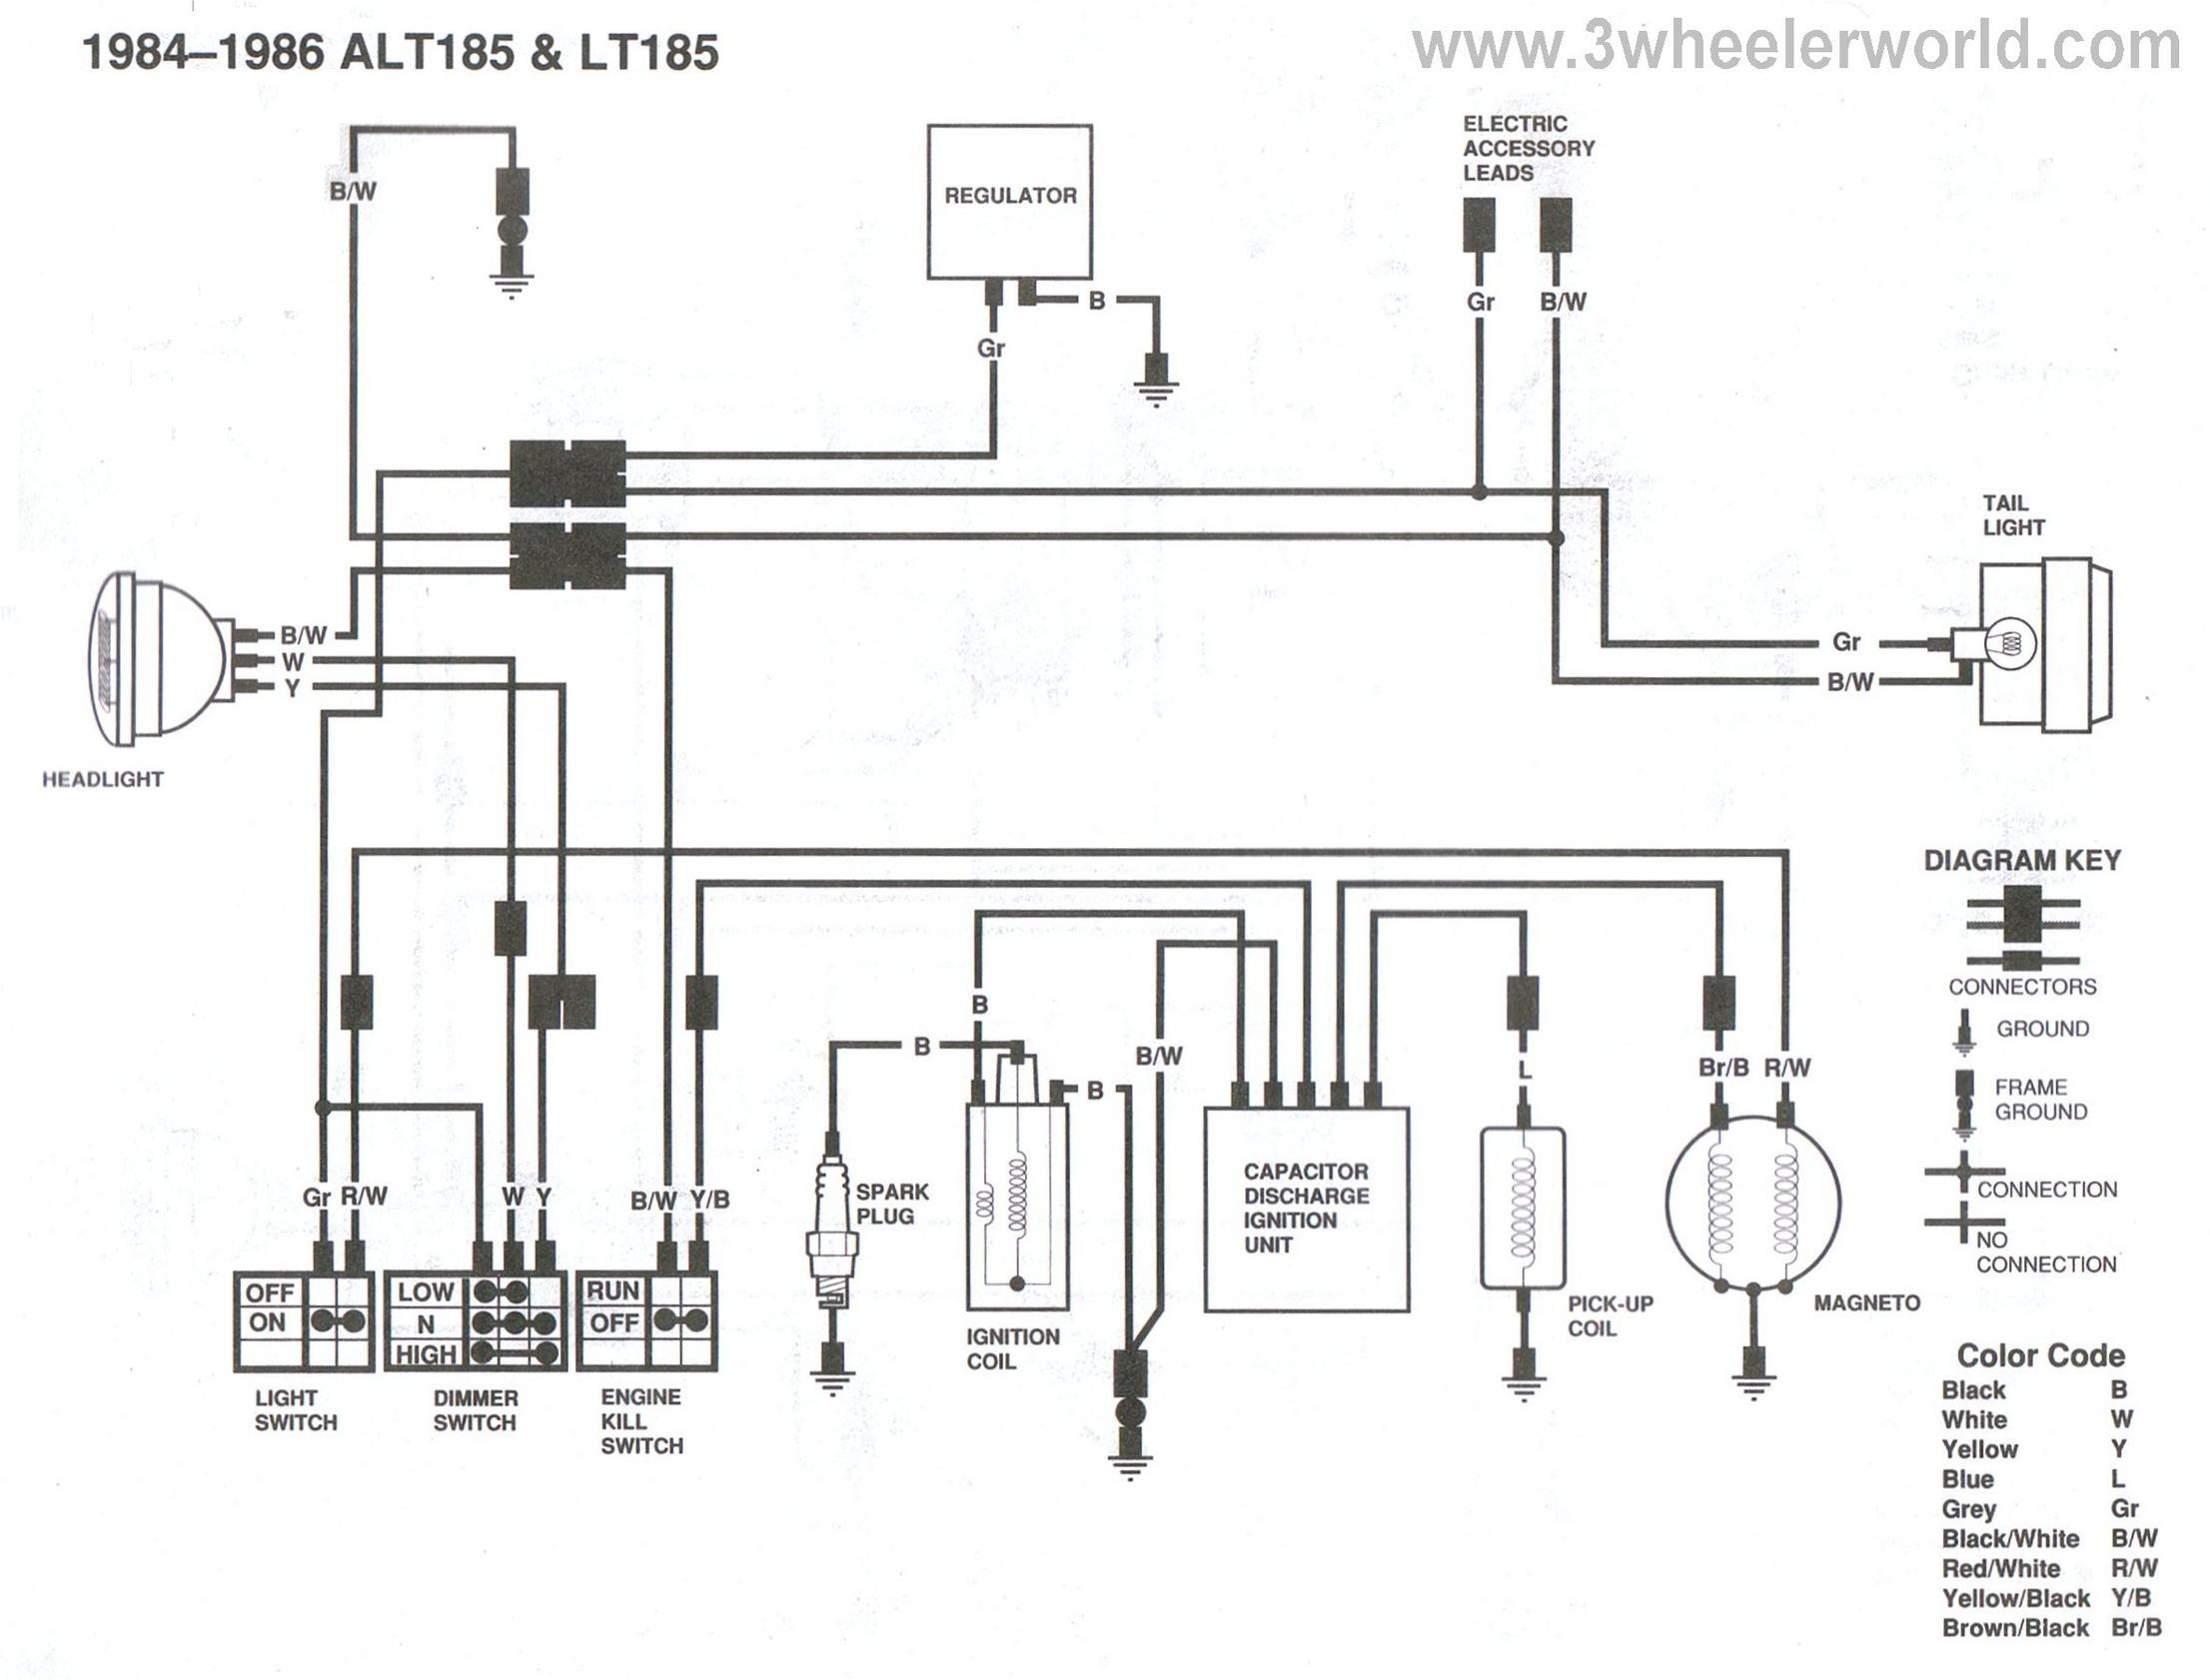 Dr350 Wiring Diagram Suzuki Mehran Cf Moto 500 Ltr Image Lt 250r Auto Schematic On 1986